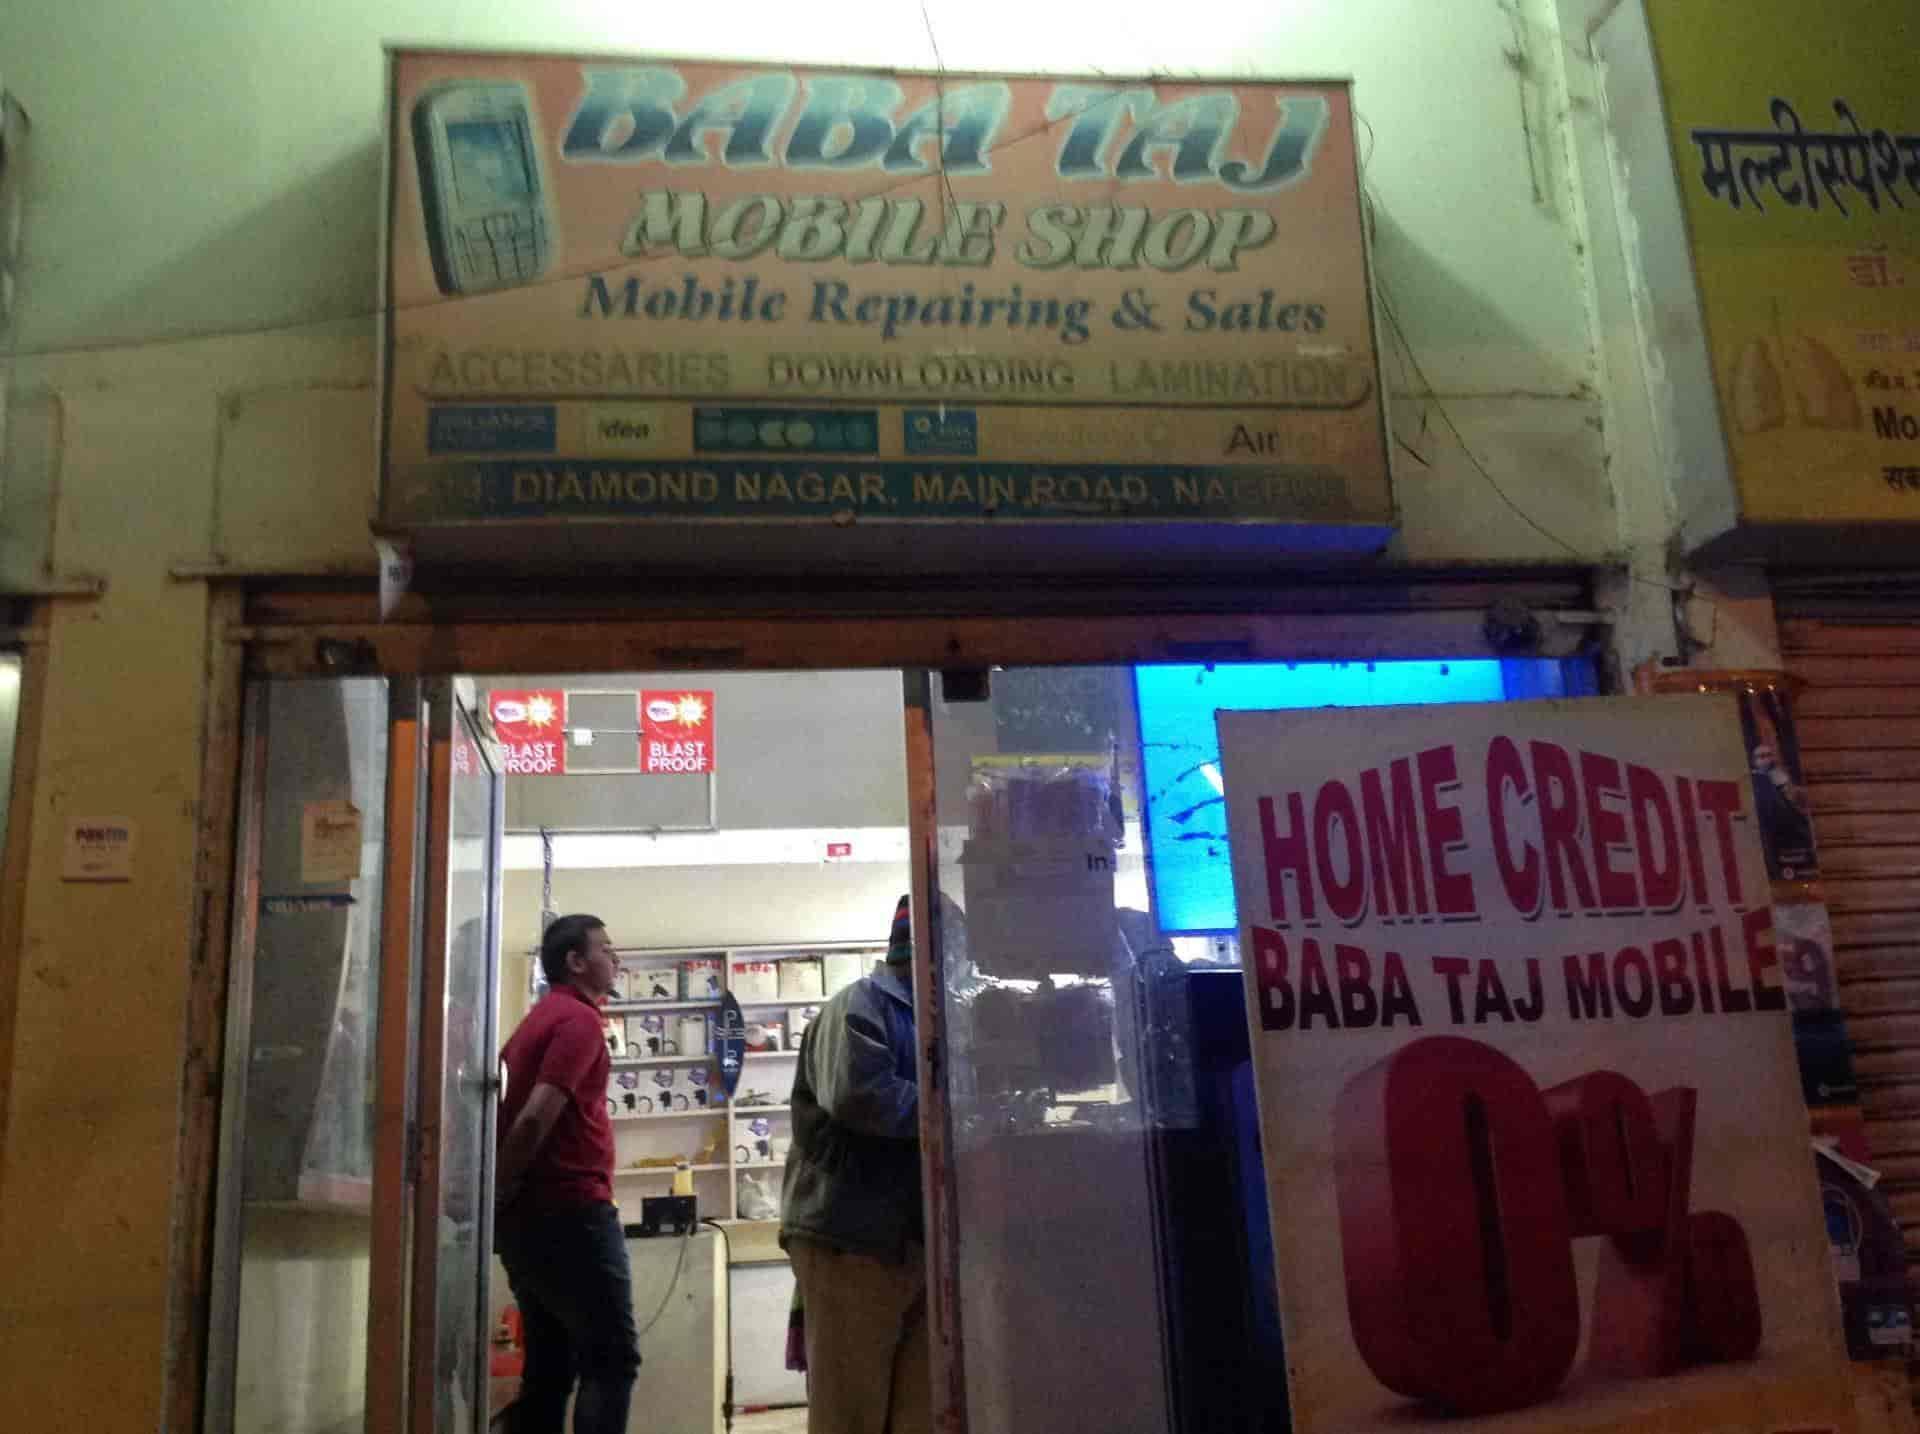 Baba Taj Mobile Shopee Photos, Nandanvan Colony, Nagpur